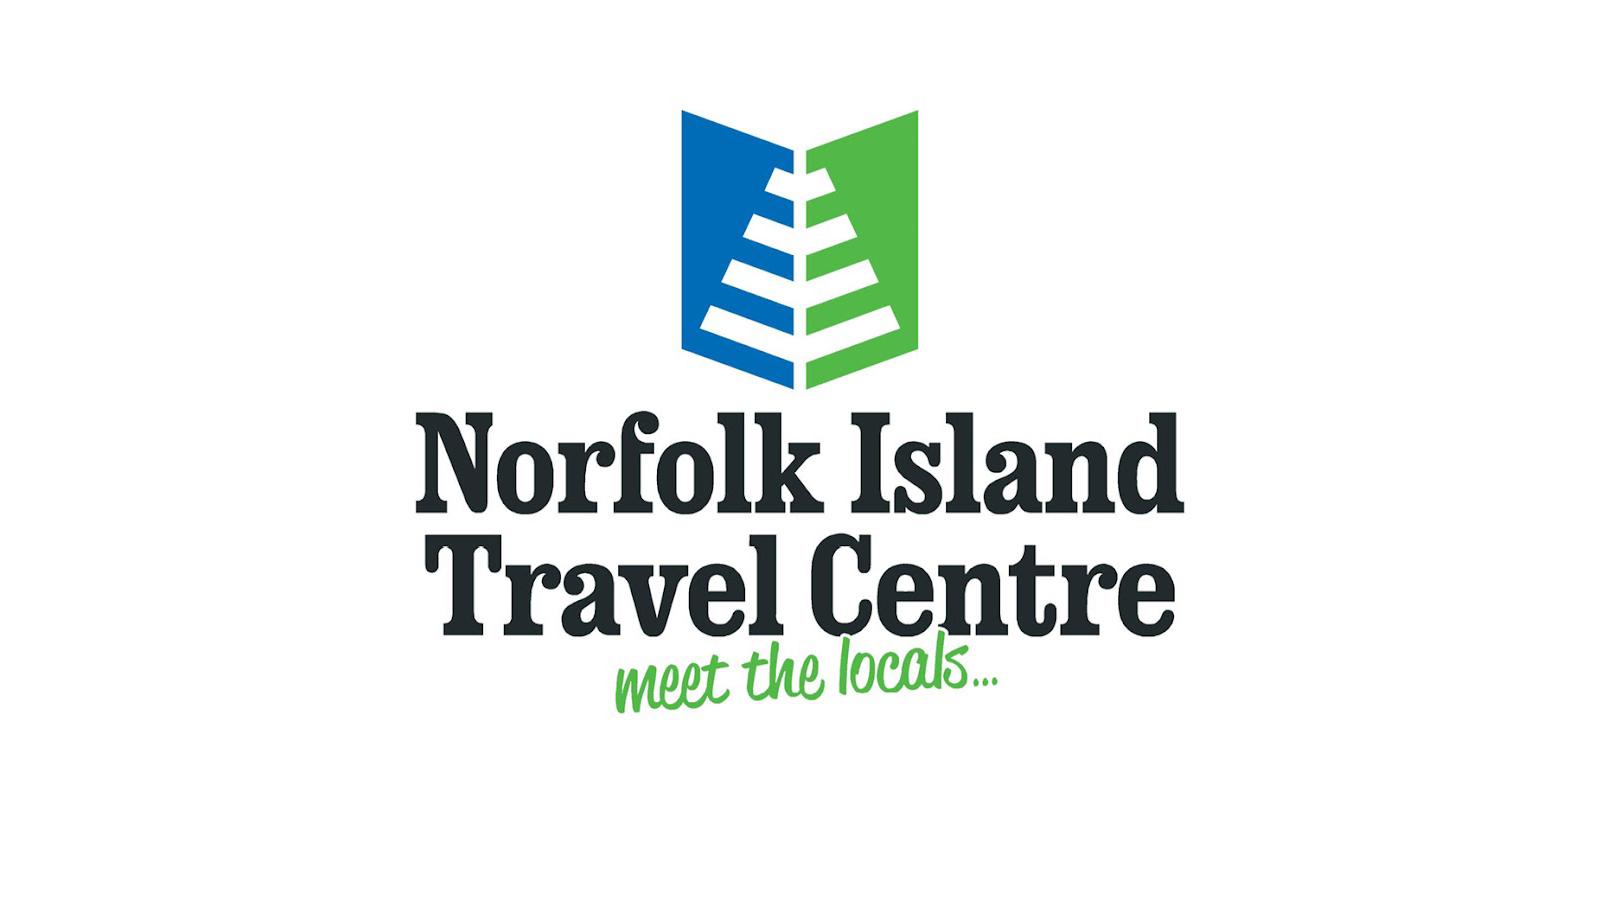 Norfolk Island Travel Centre